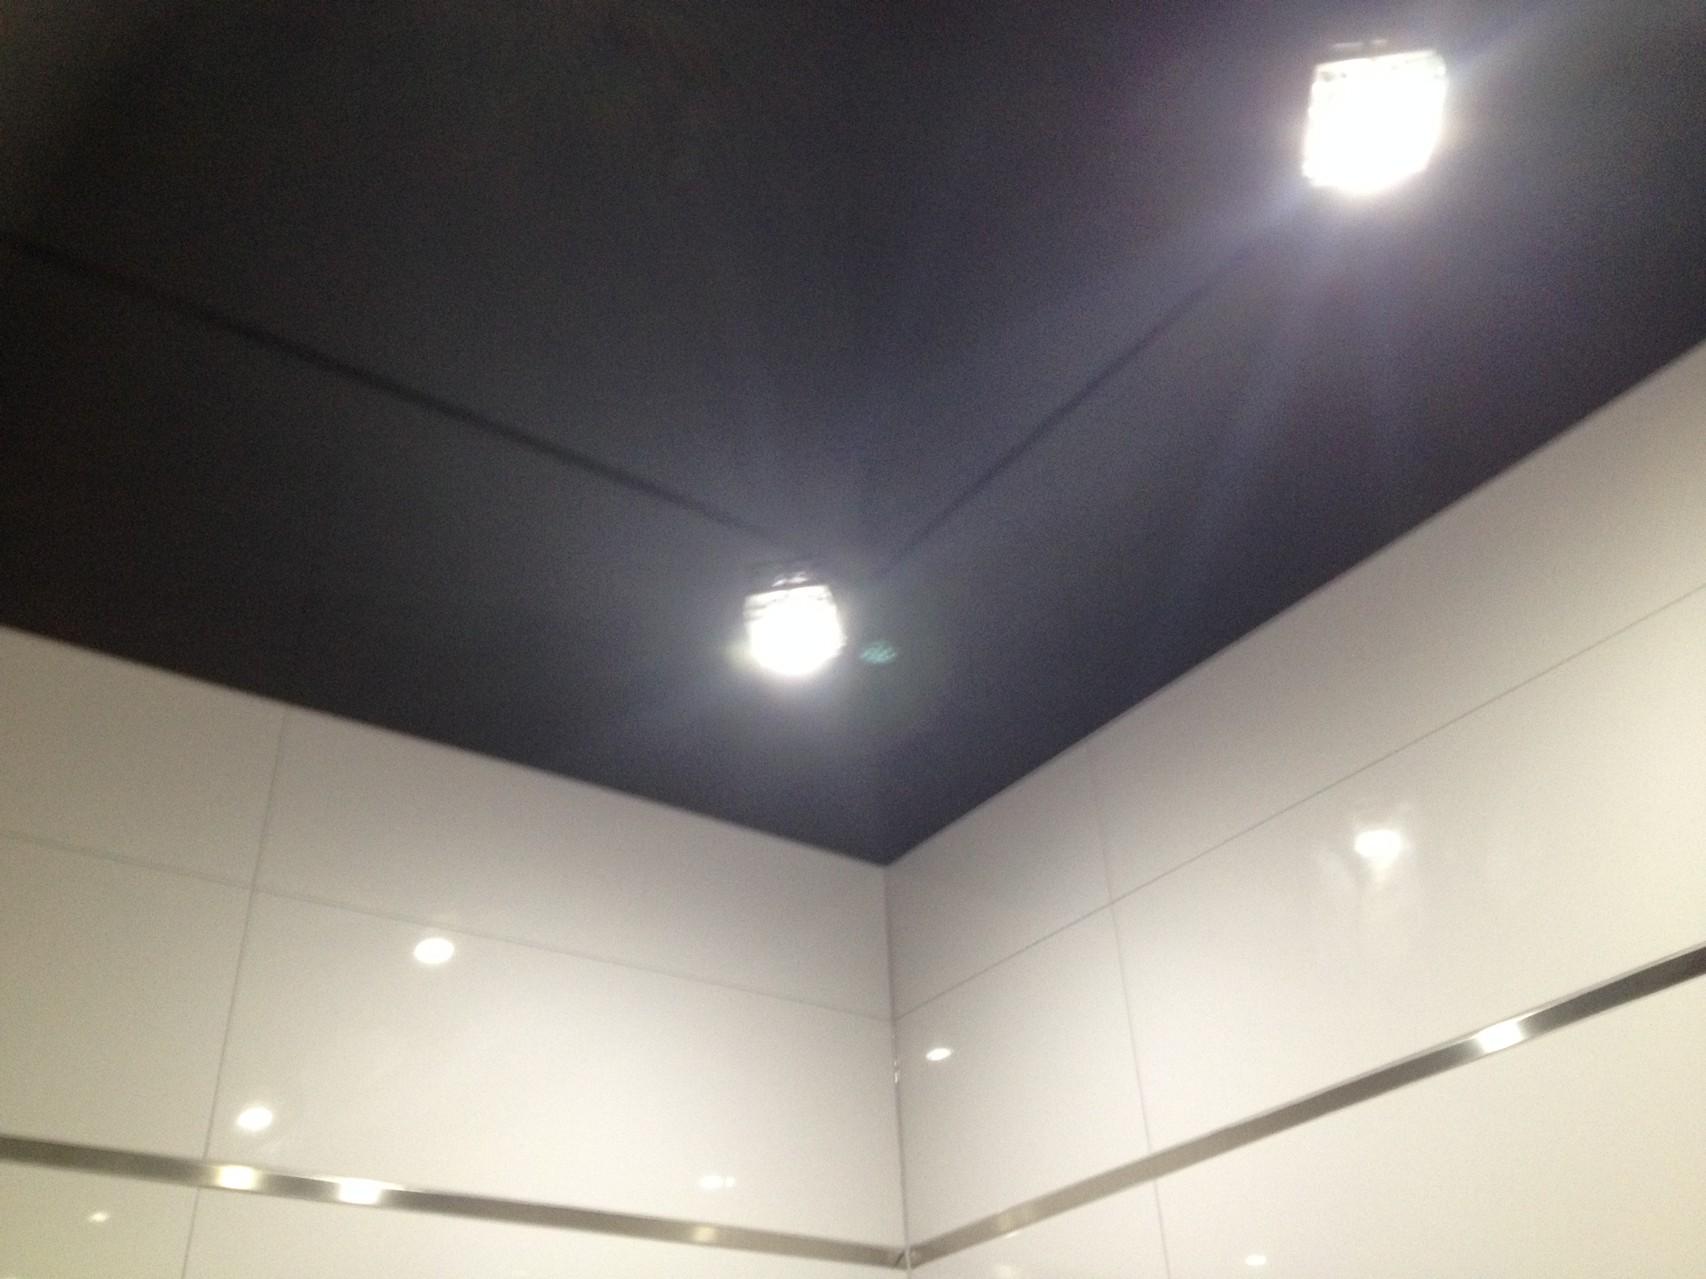 Spanndecke schwarz glänzend Badezimmer ETW Dortmund